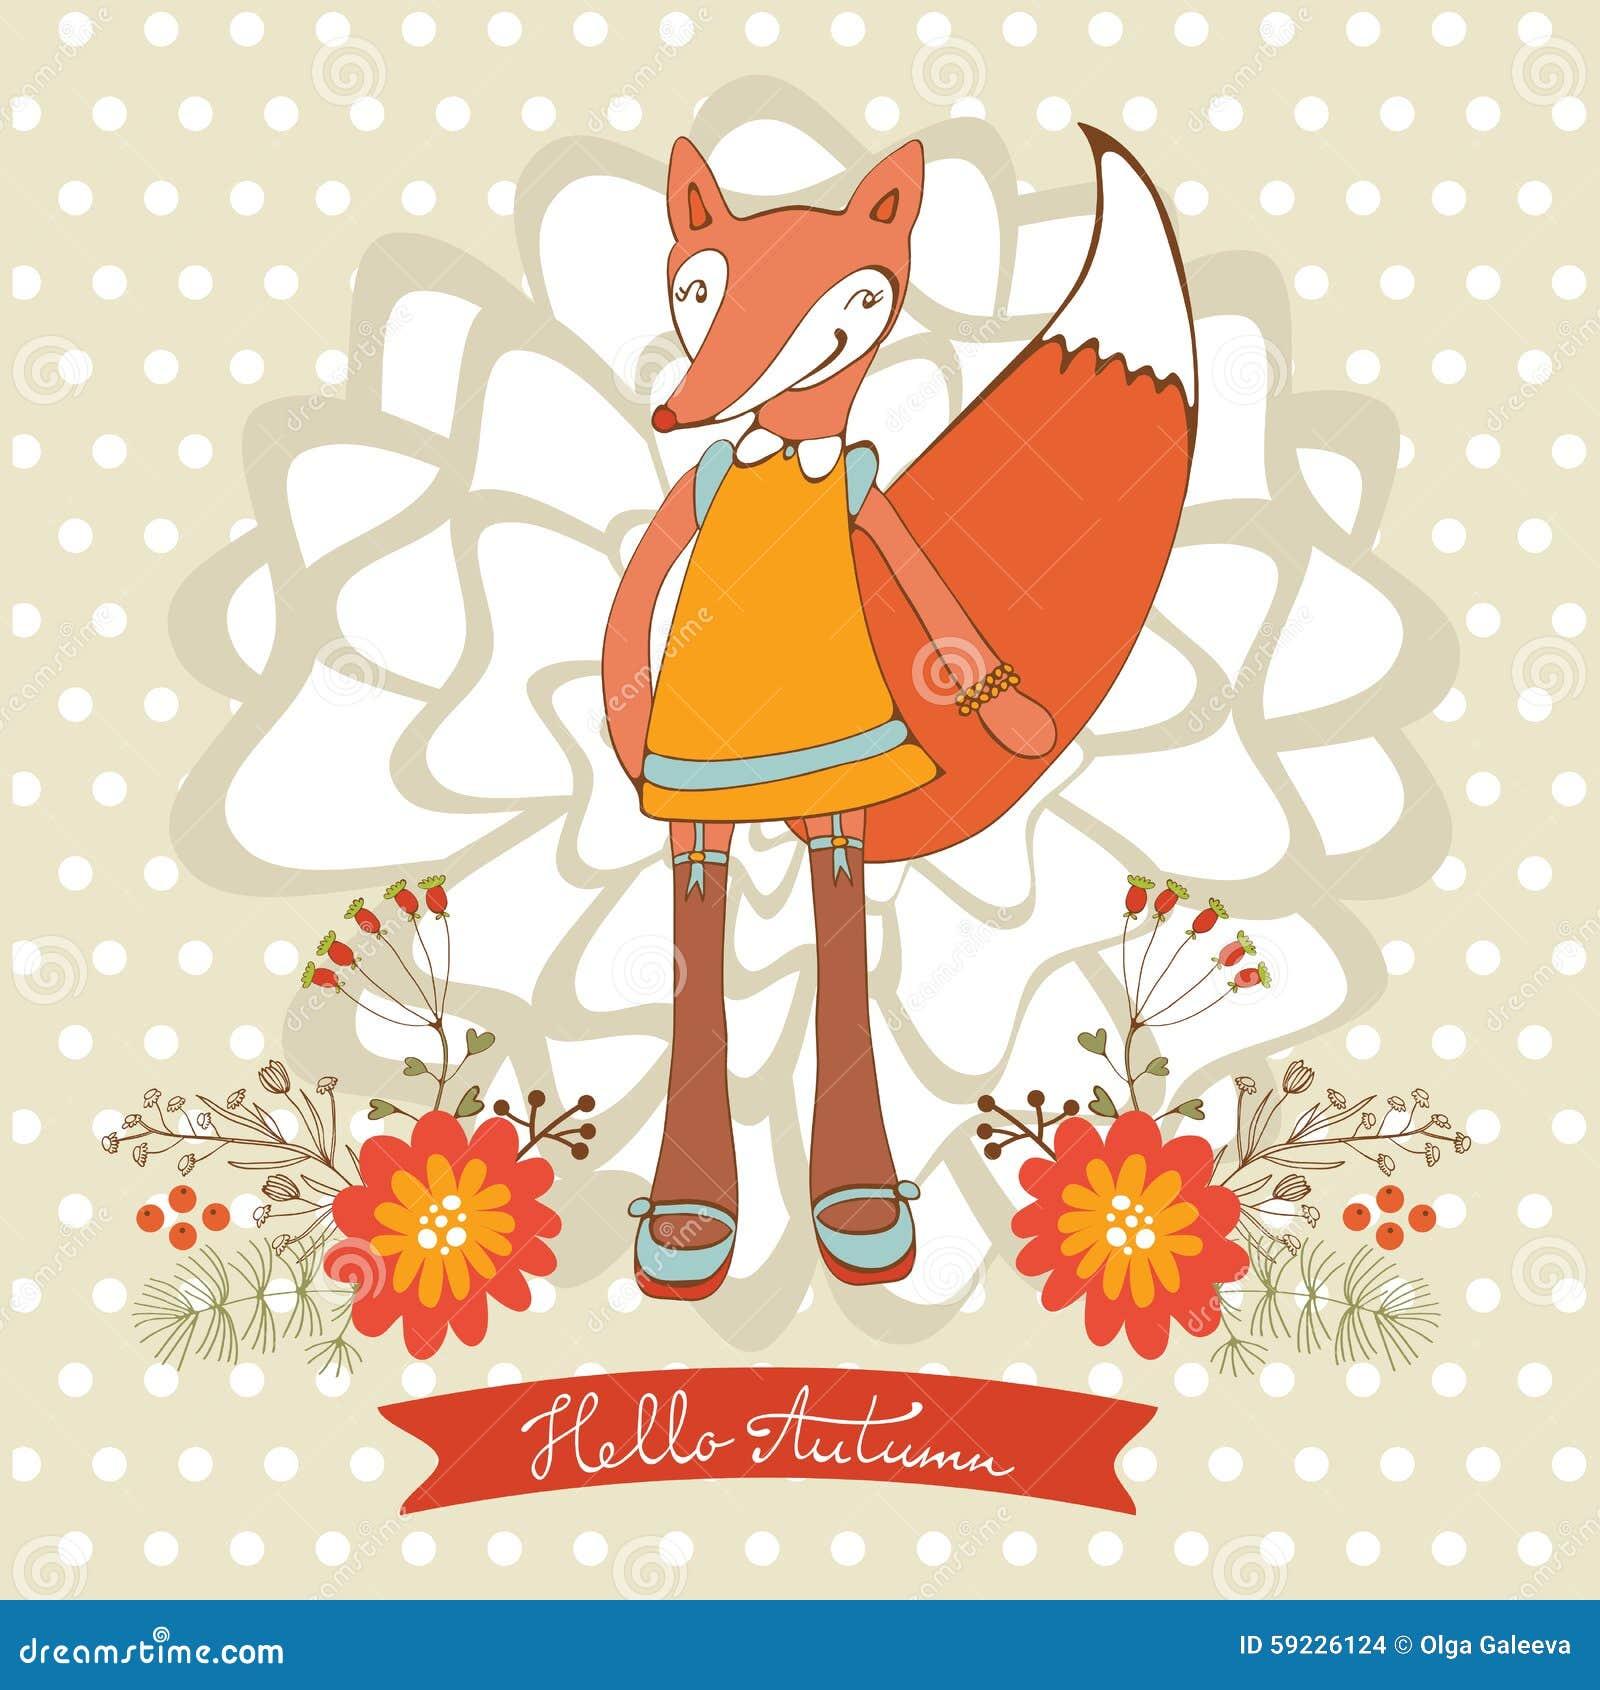 Hola tarjeta elegante del otoño con el carácter lindo del zorro